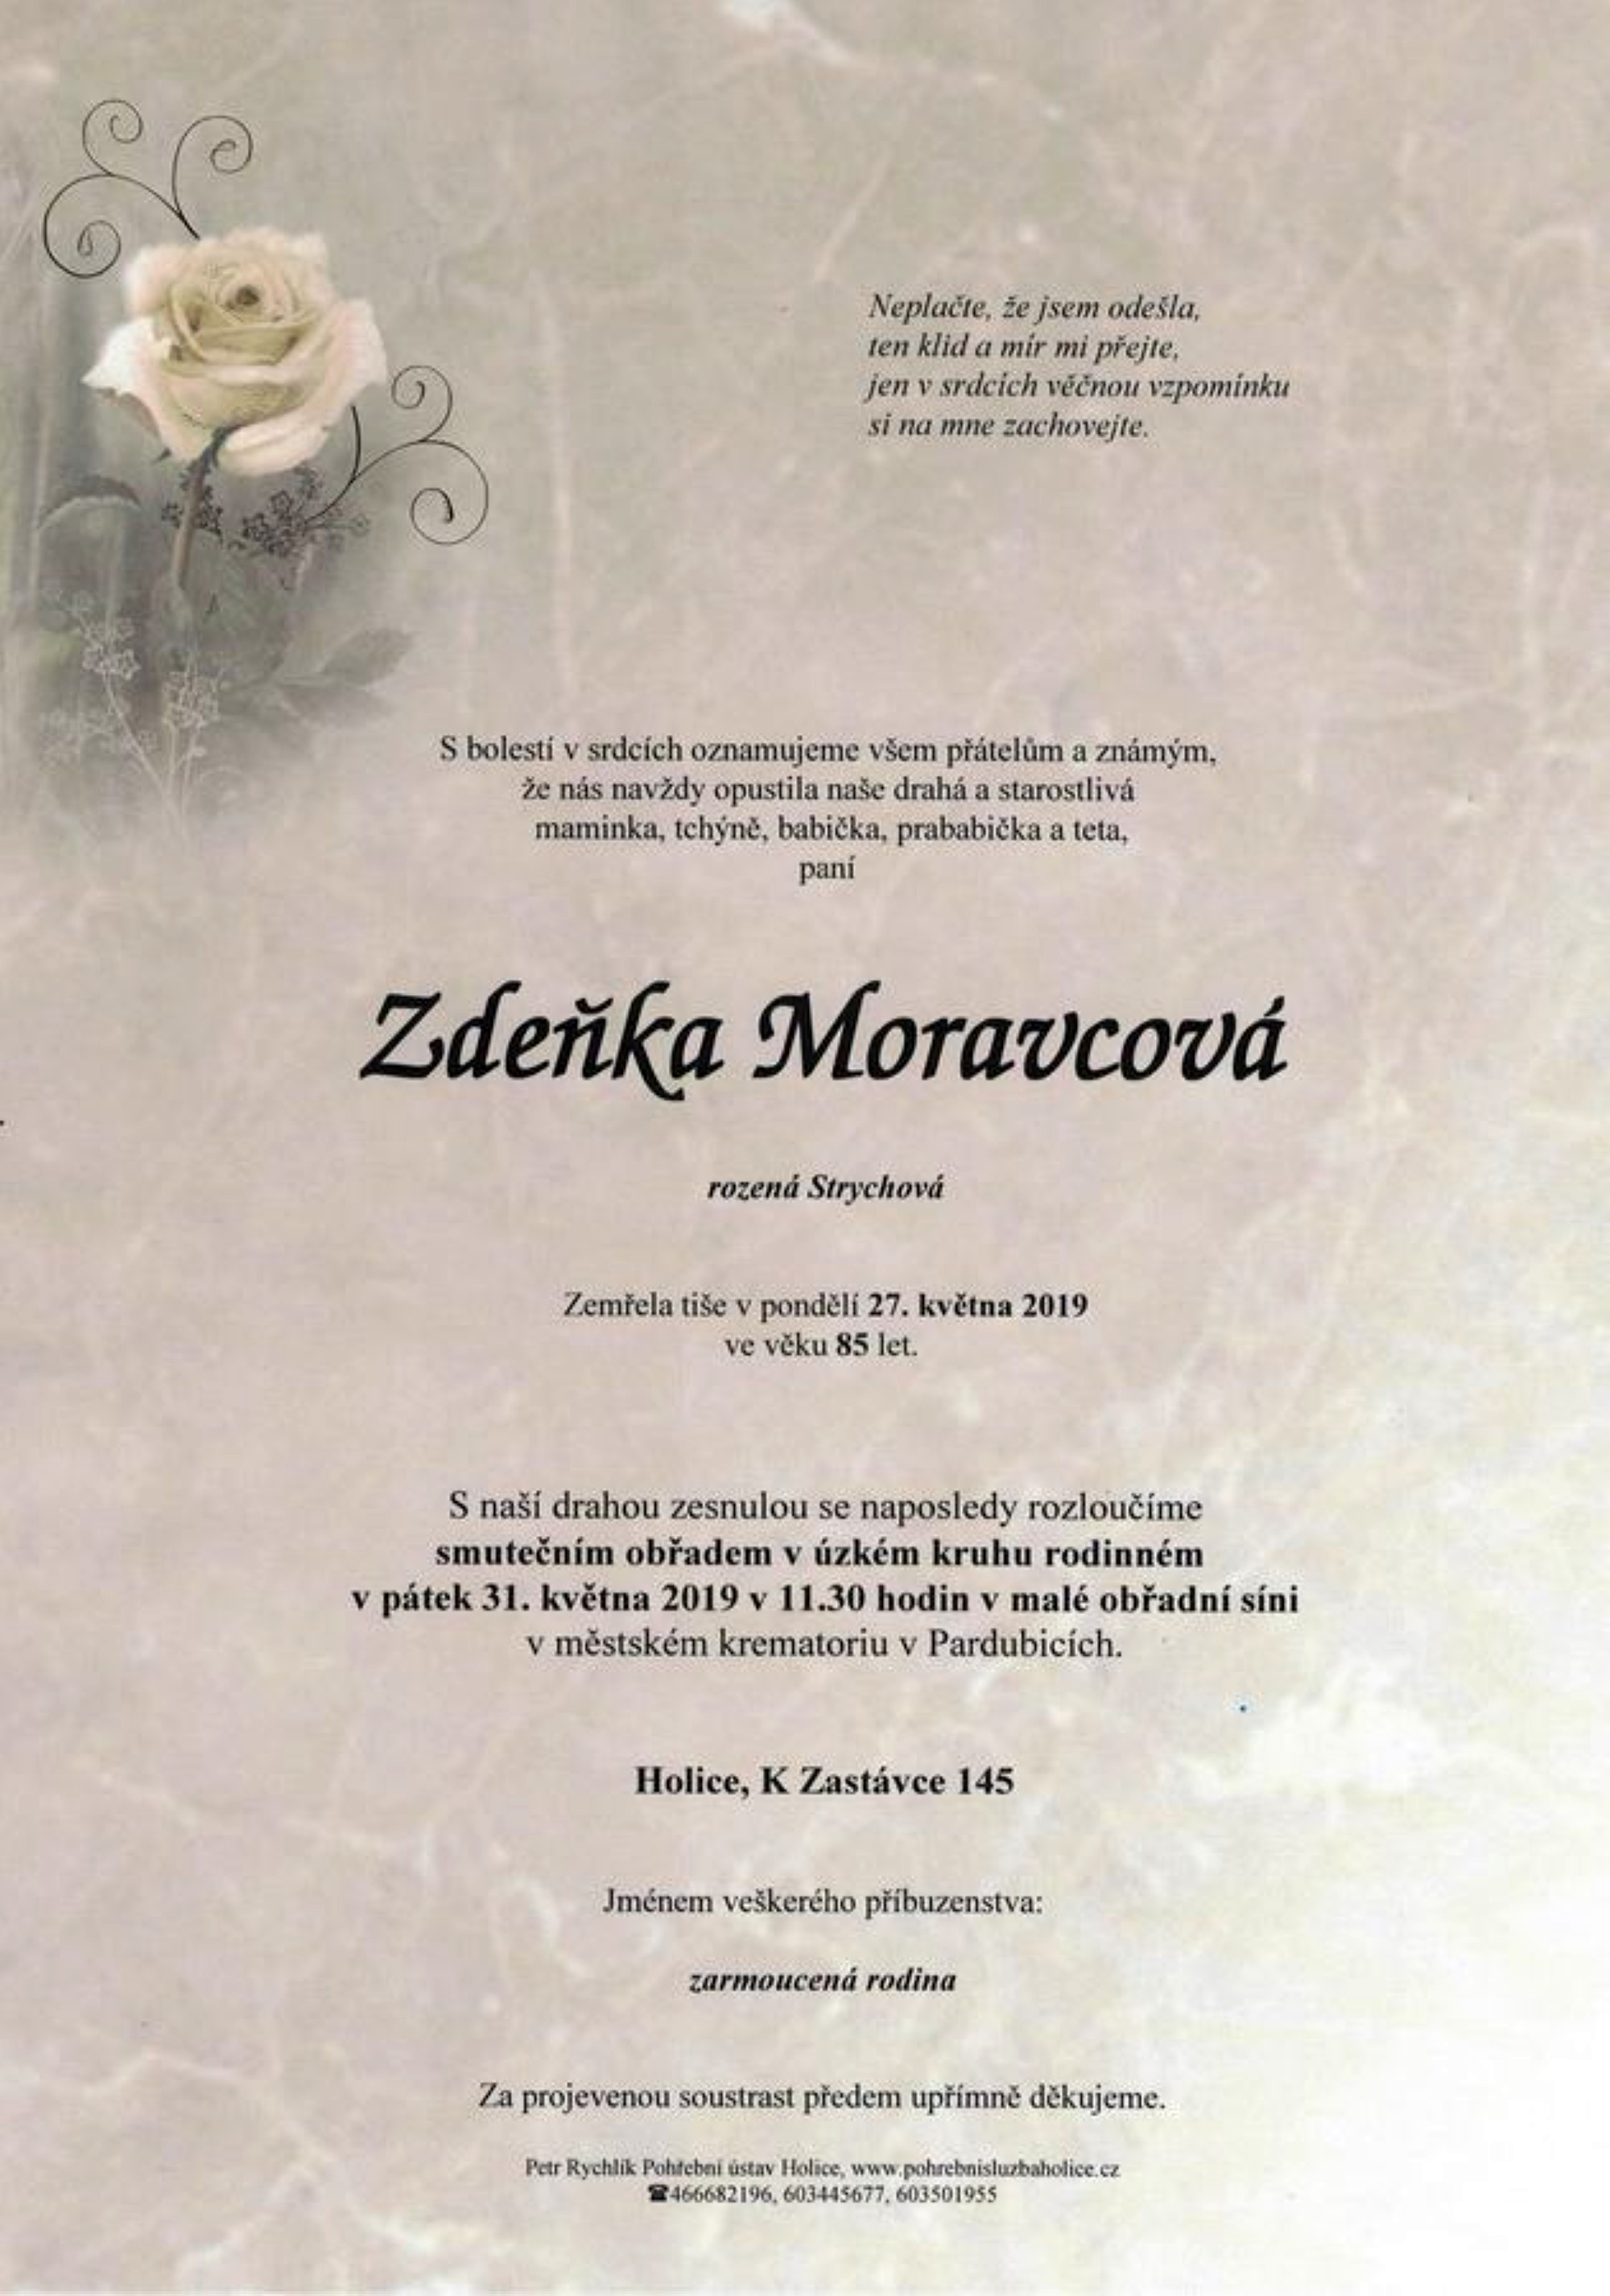 Zdeňka Moravcová